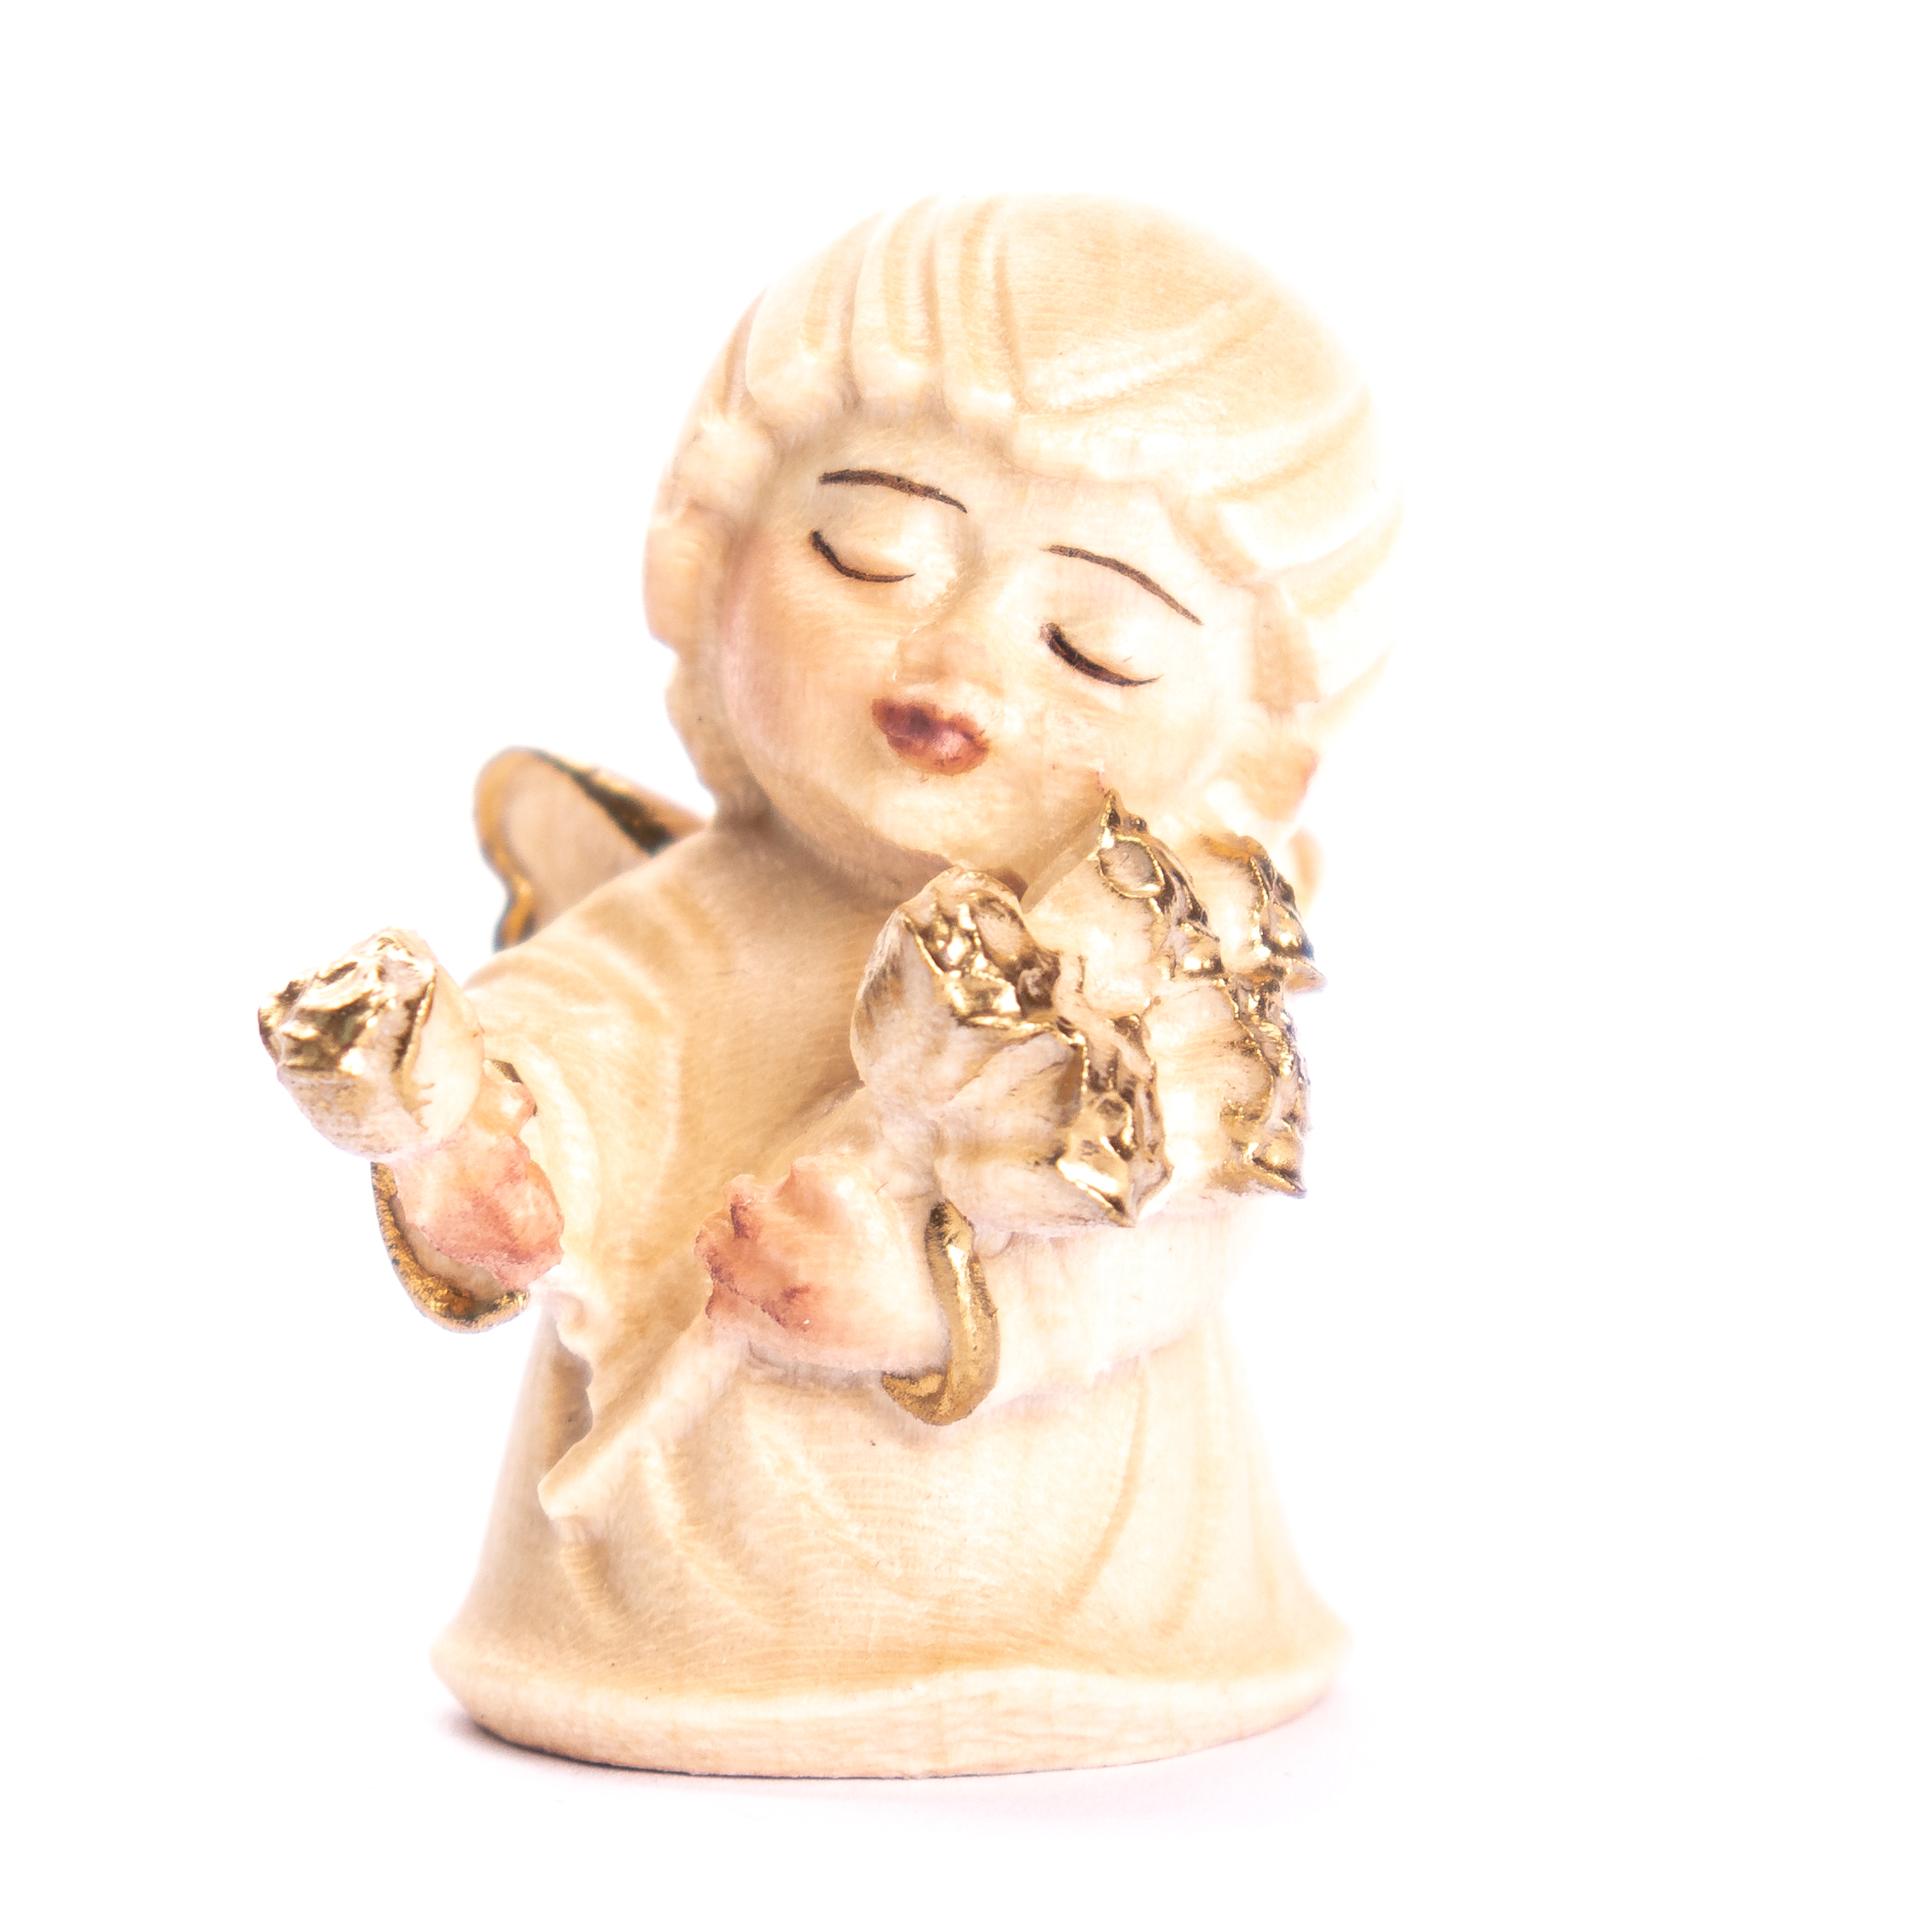 Engel mit Blumen, alabaster